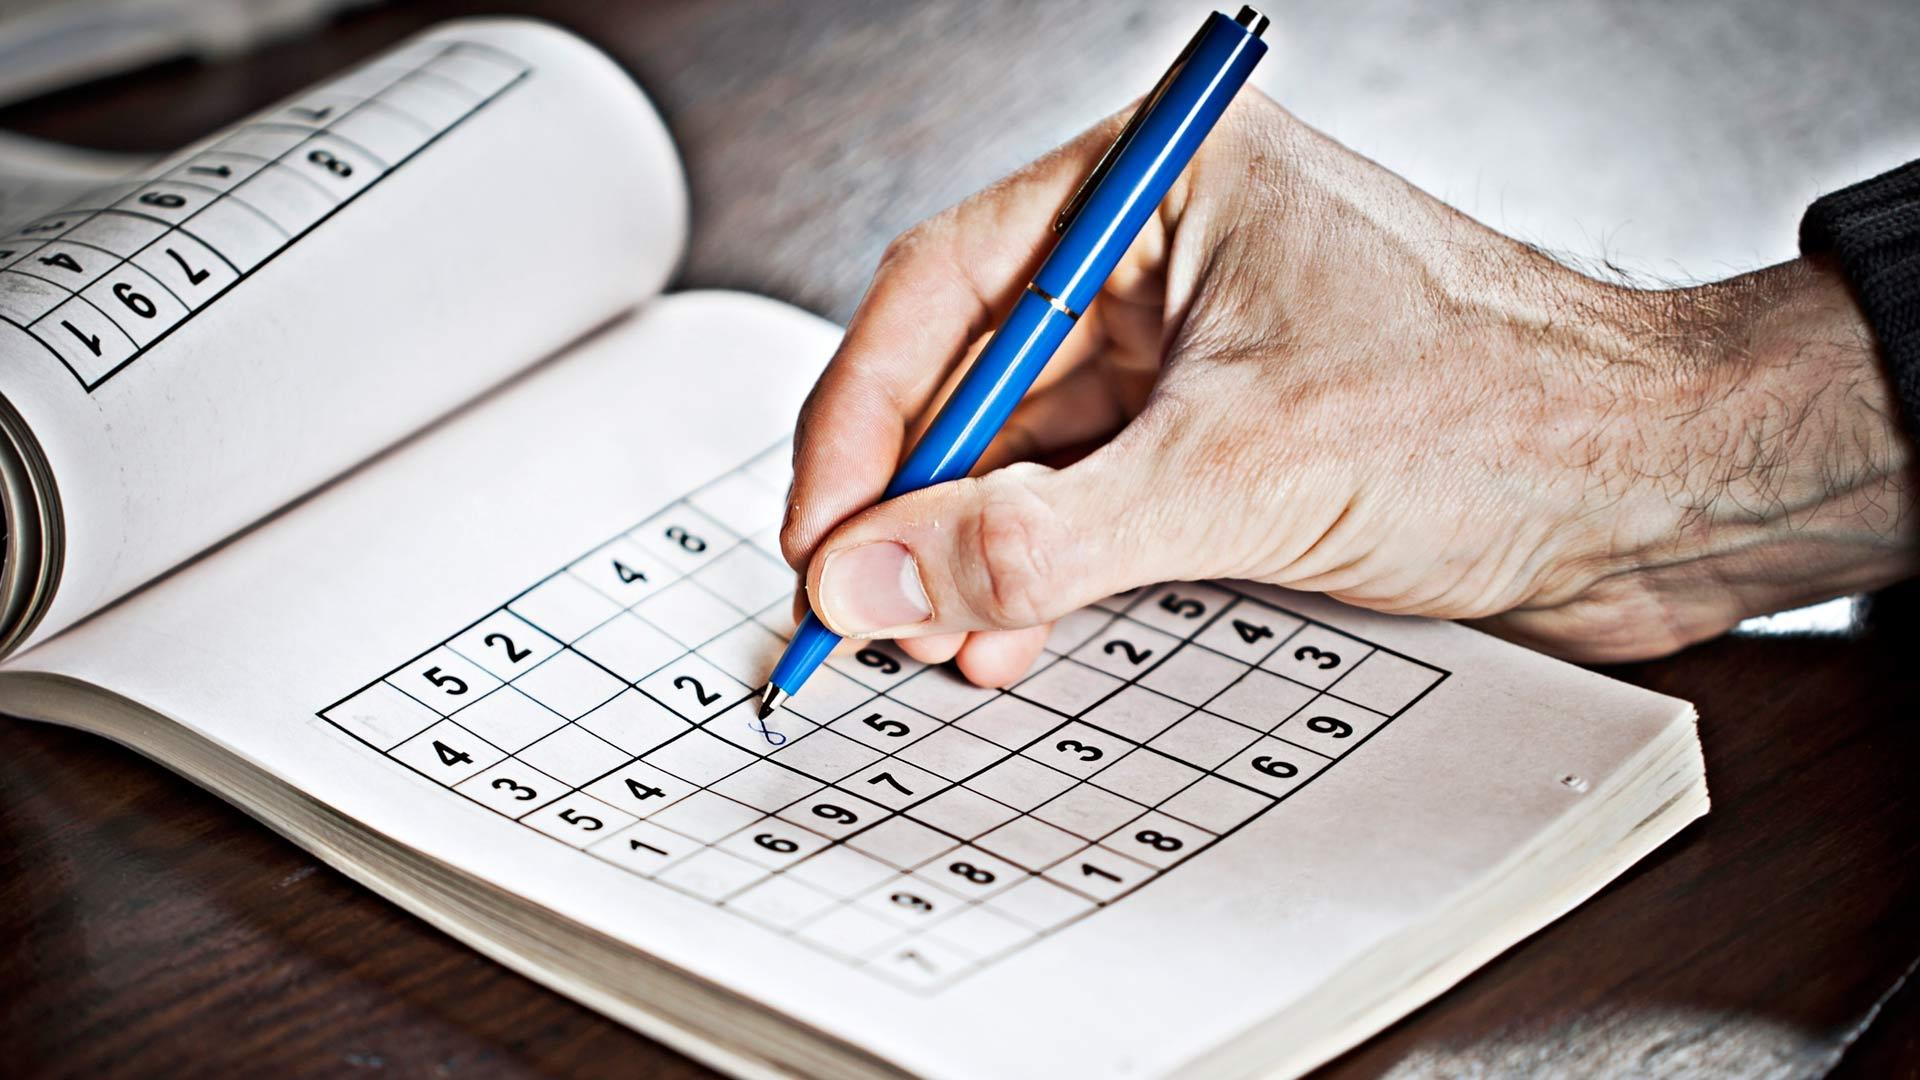 Uusien asioiden opiskelu, lukeminen, ristikot, sudokut ja mutkikkaat käsityöt antavat aivoille tekemistä.